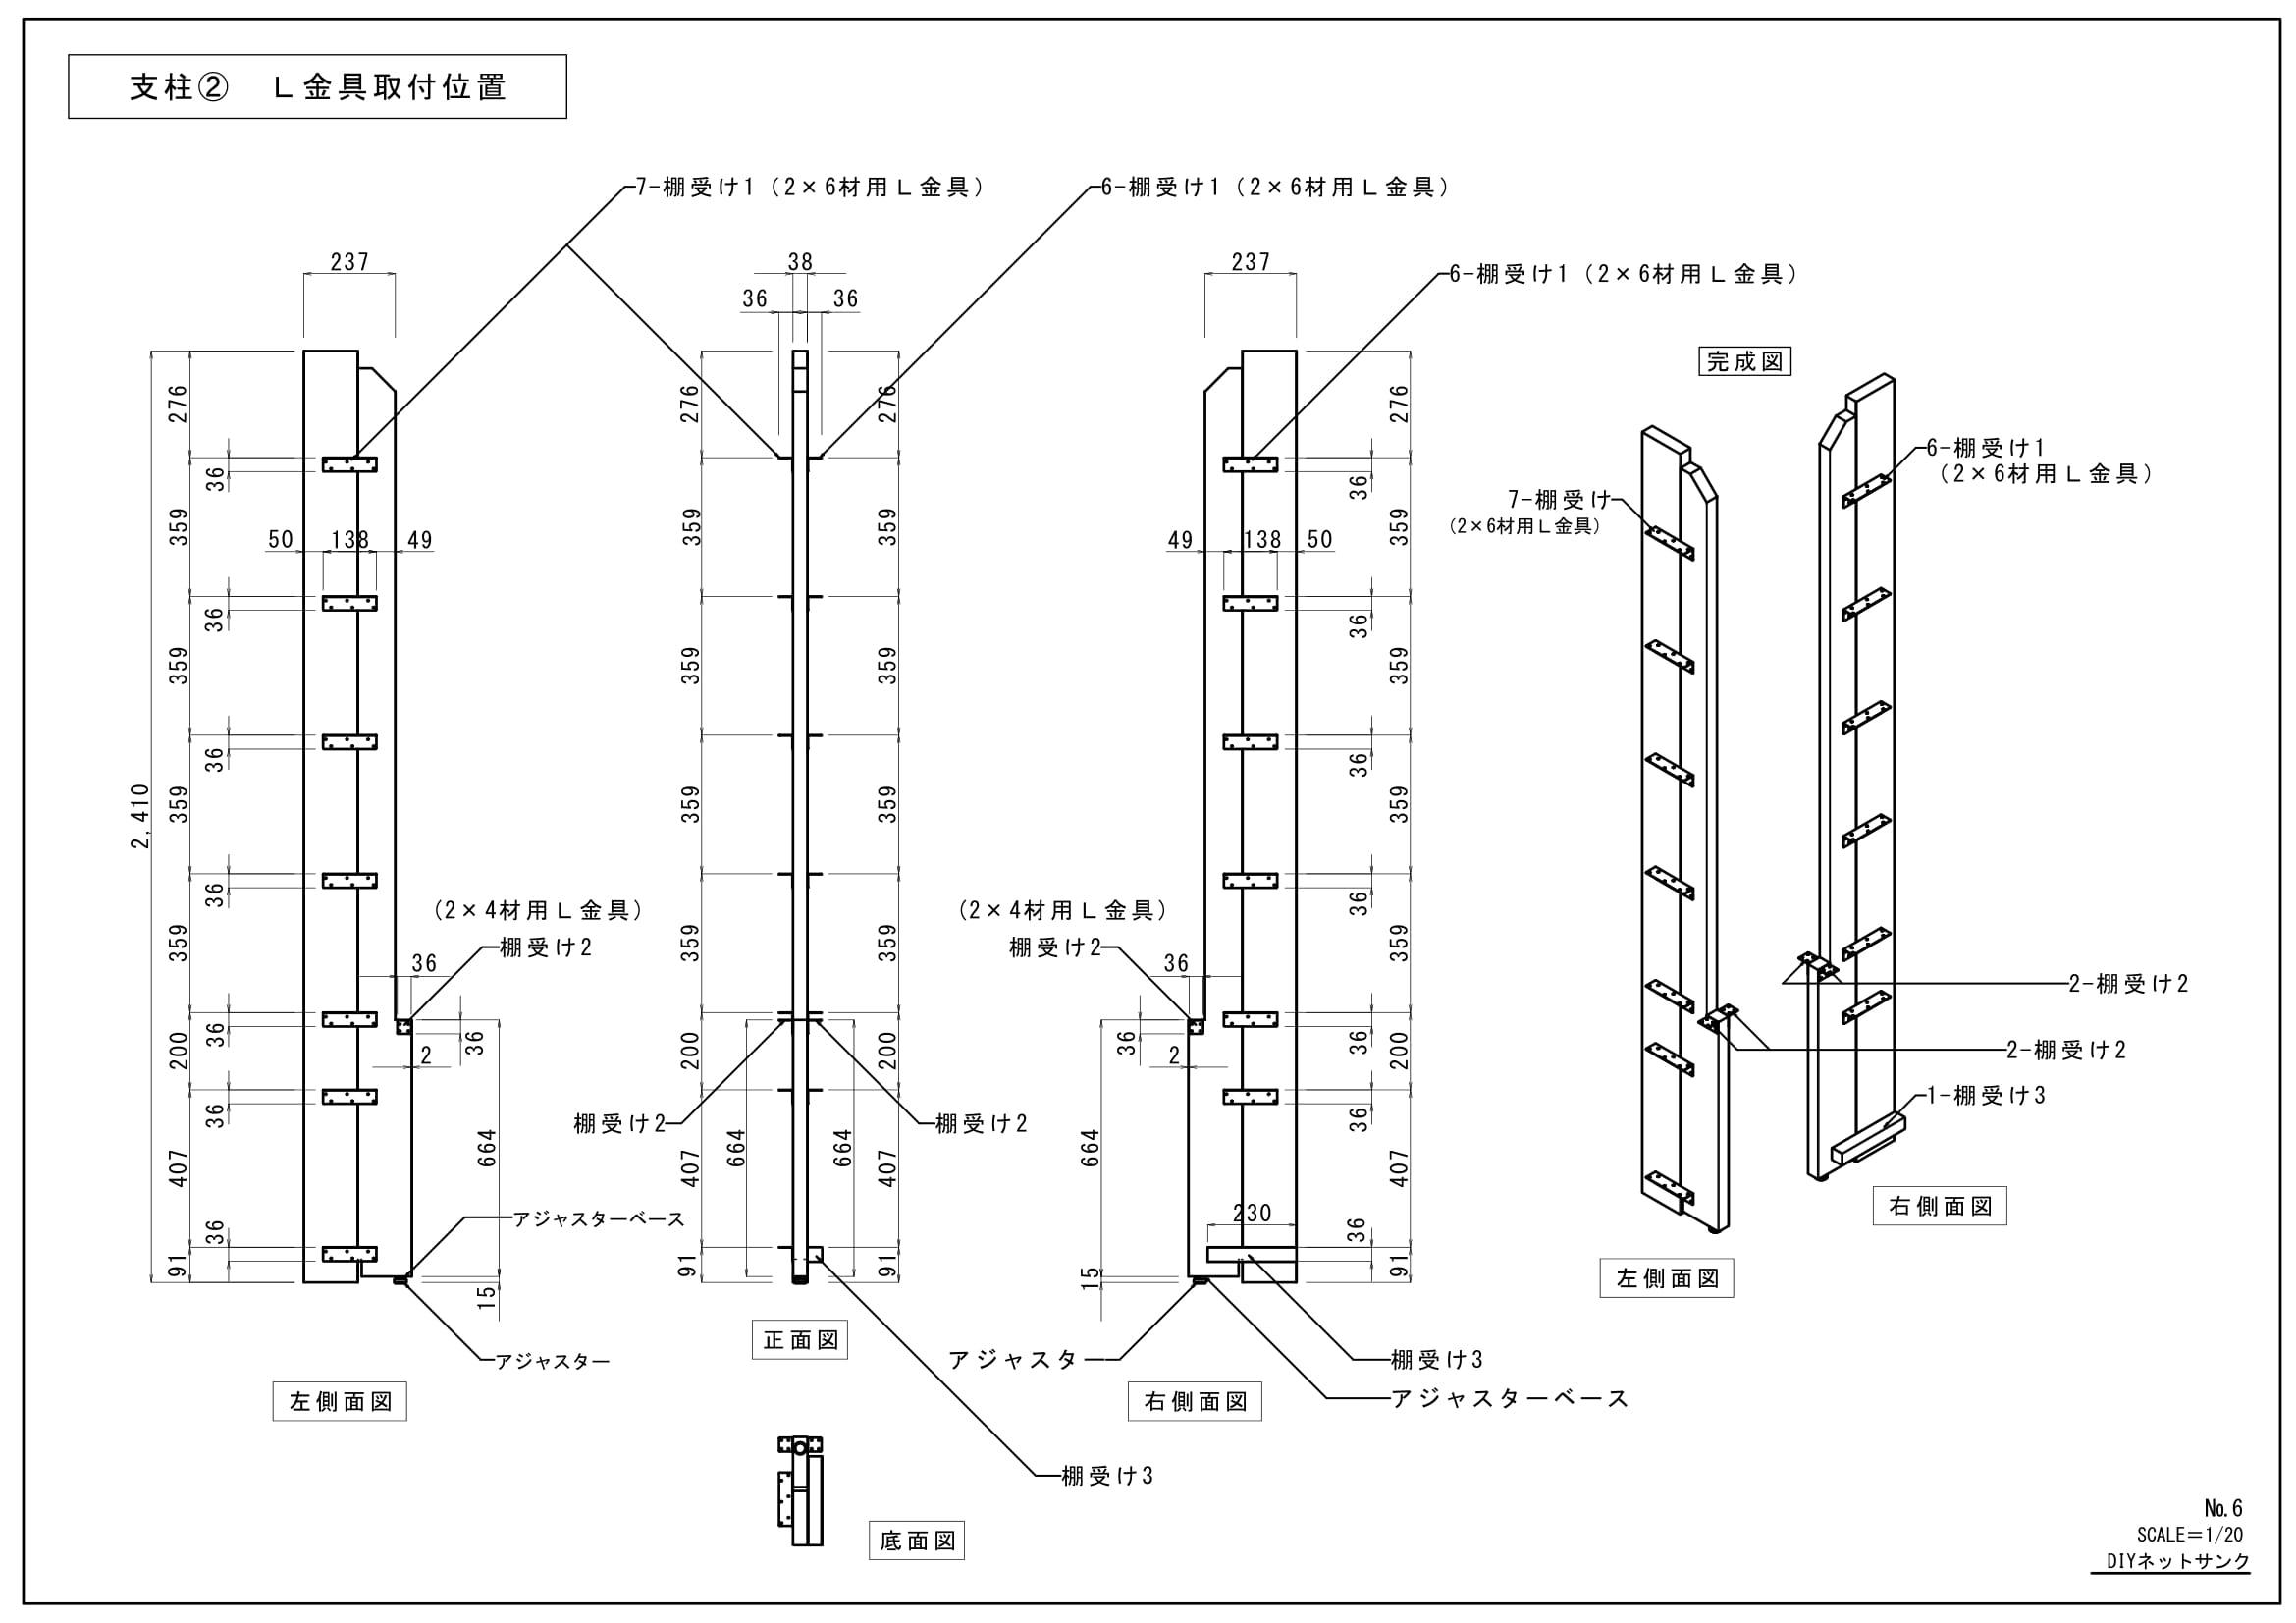 №6 ディアウォール本棚図面 支柱②意匠図